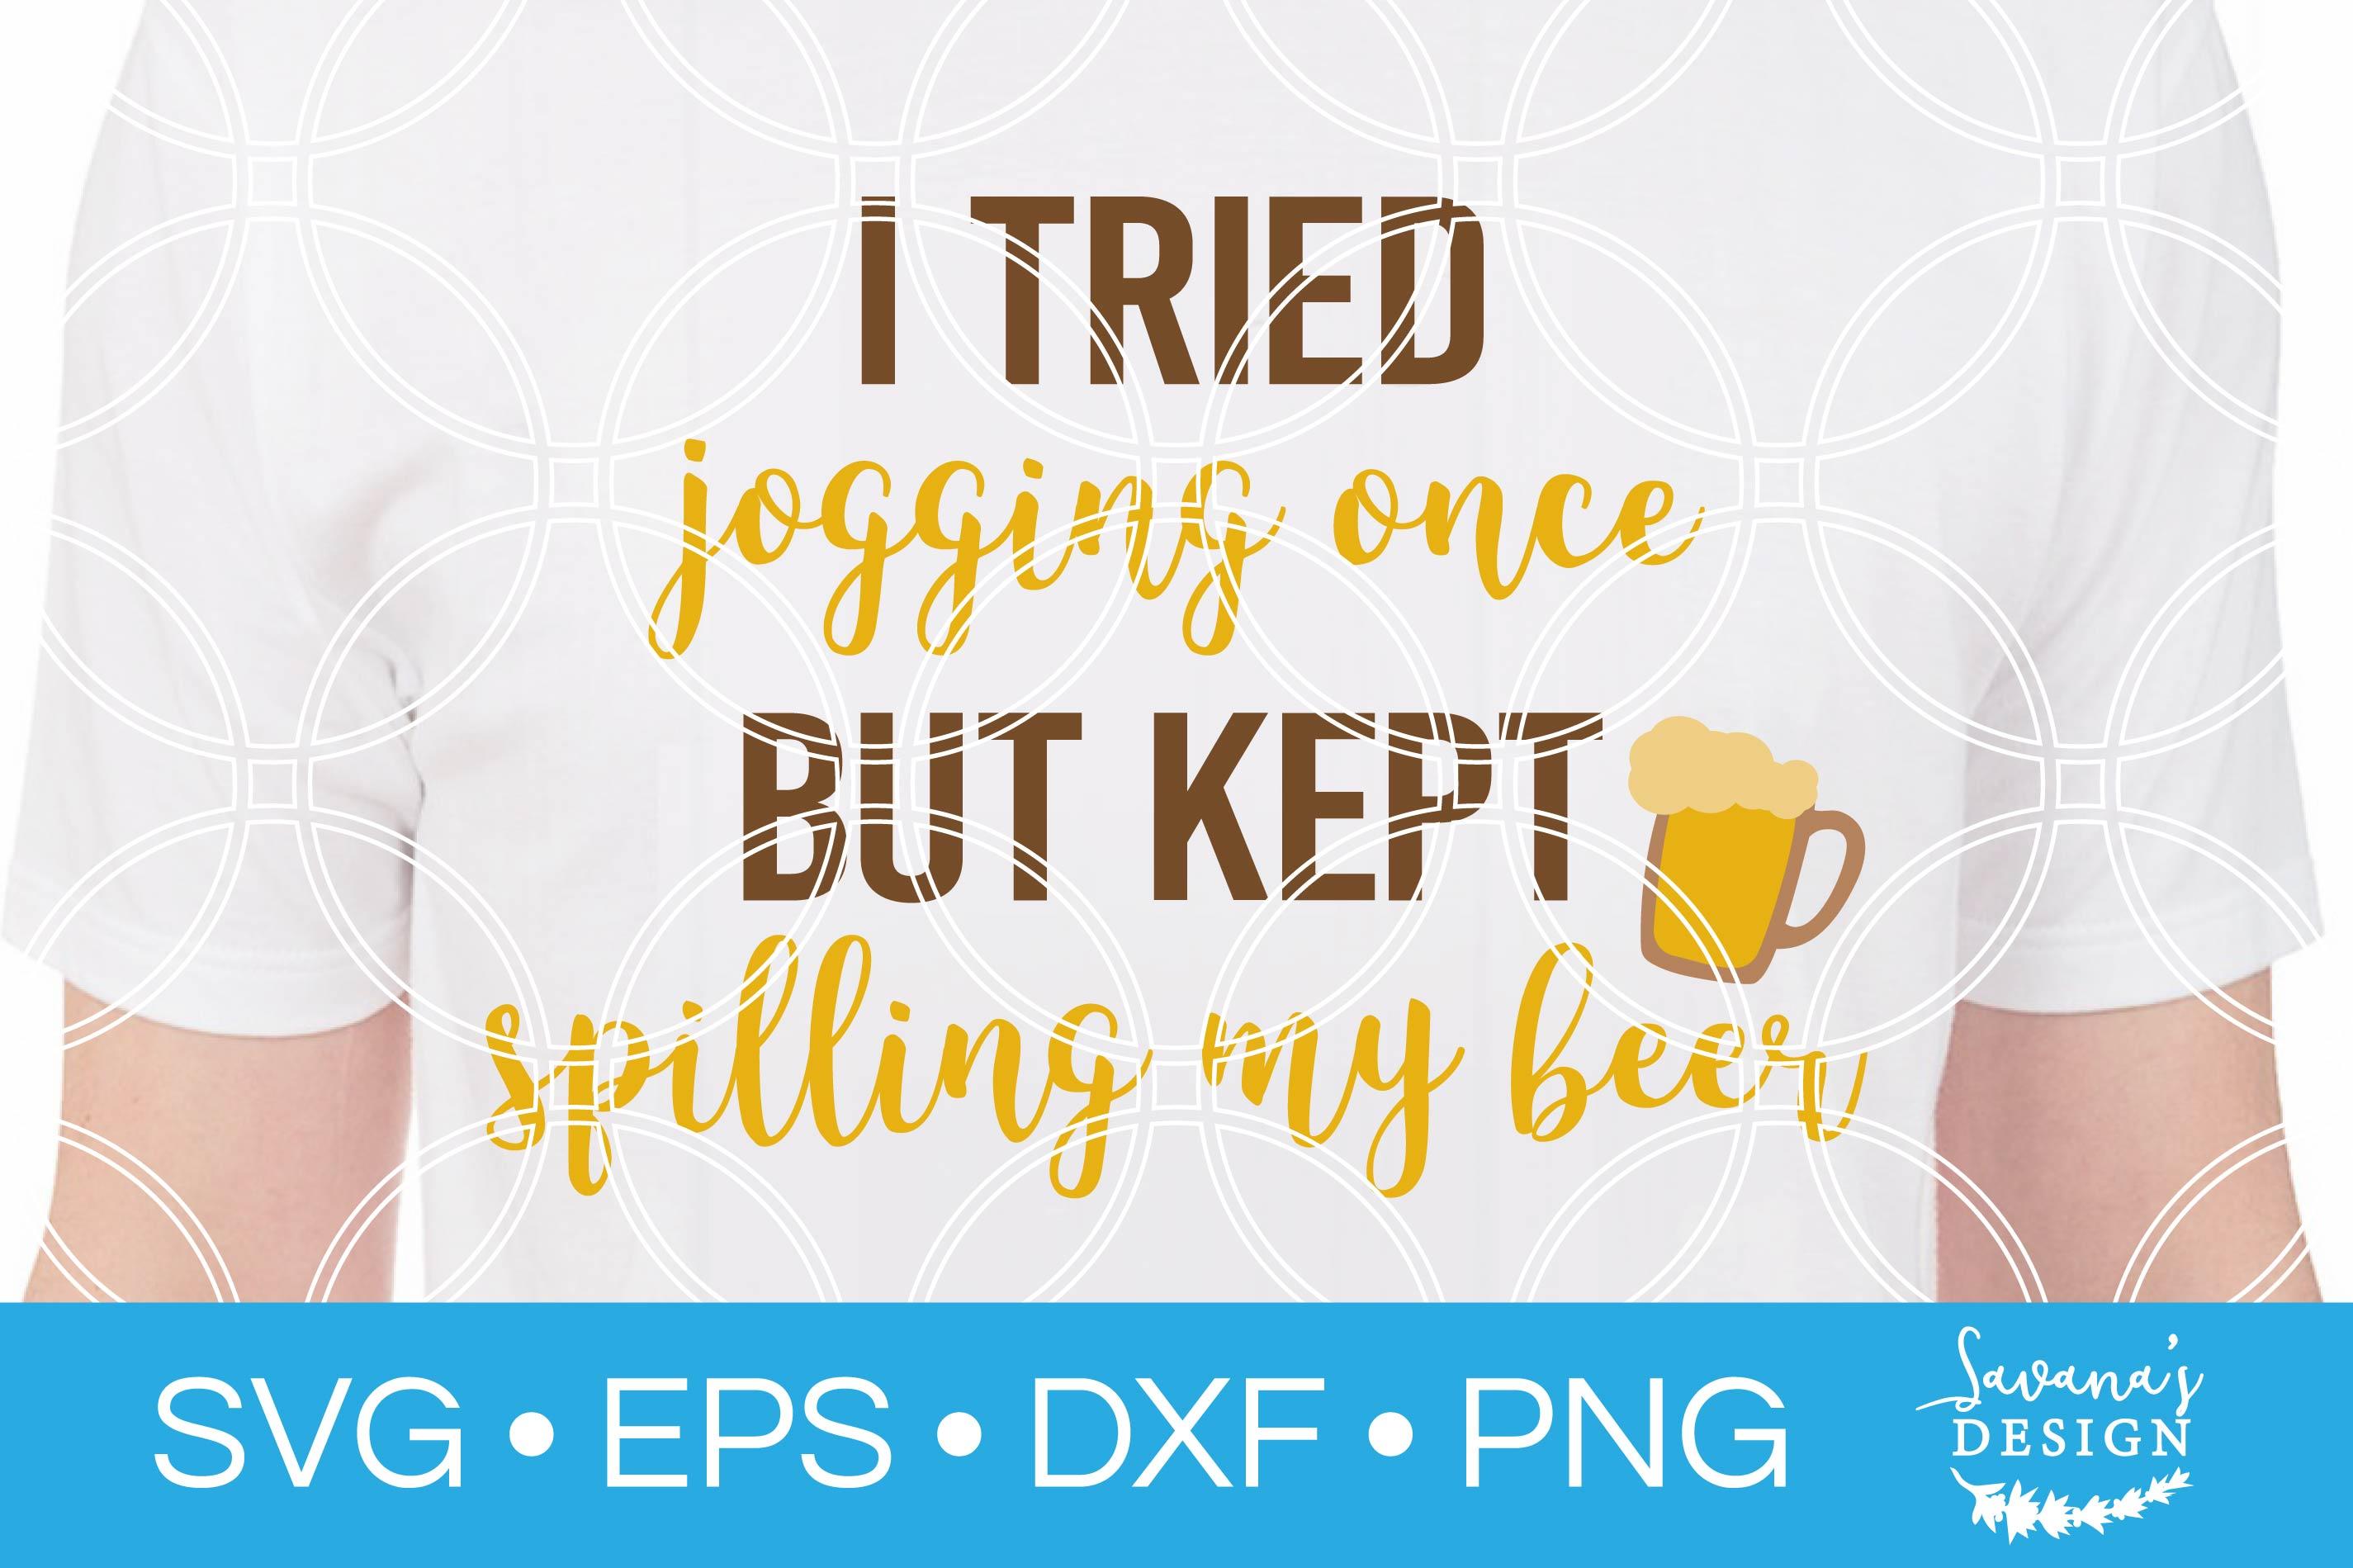 Funny Beer SVG Jogging SVG Gym SVG Workout SVG Shirt SVG example image 1